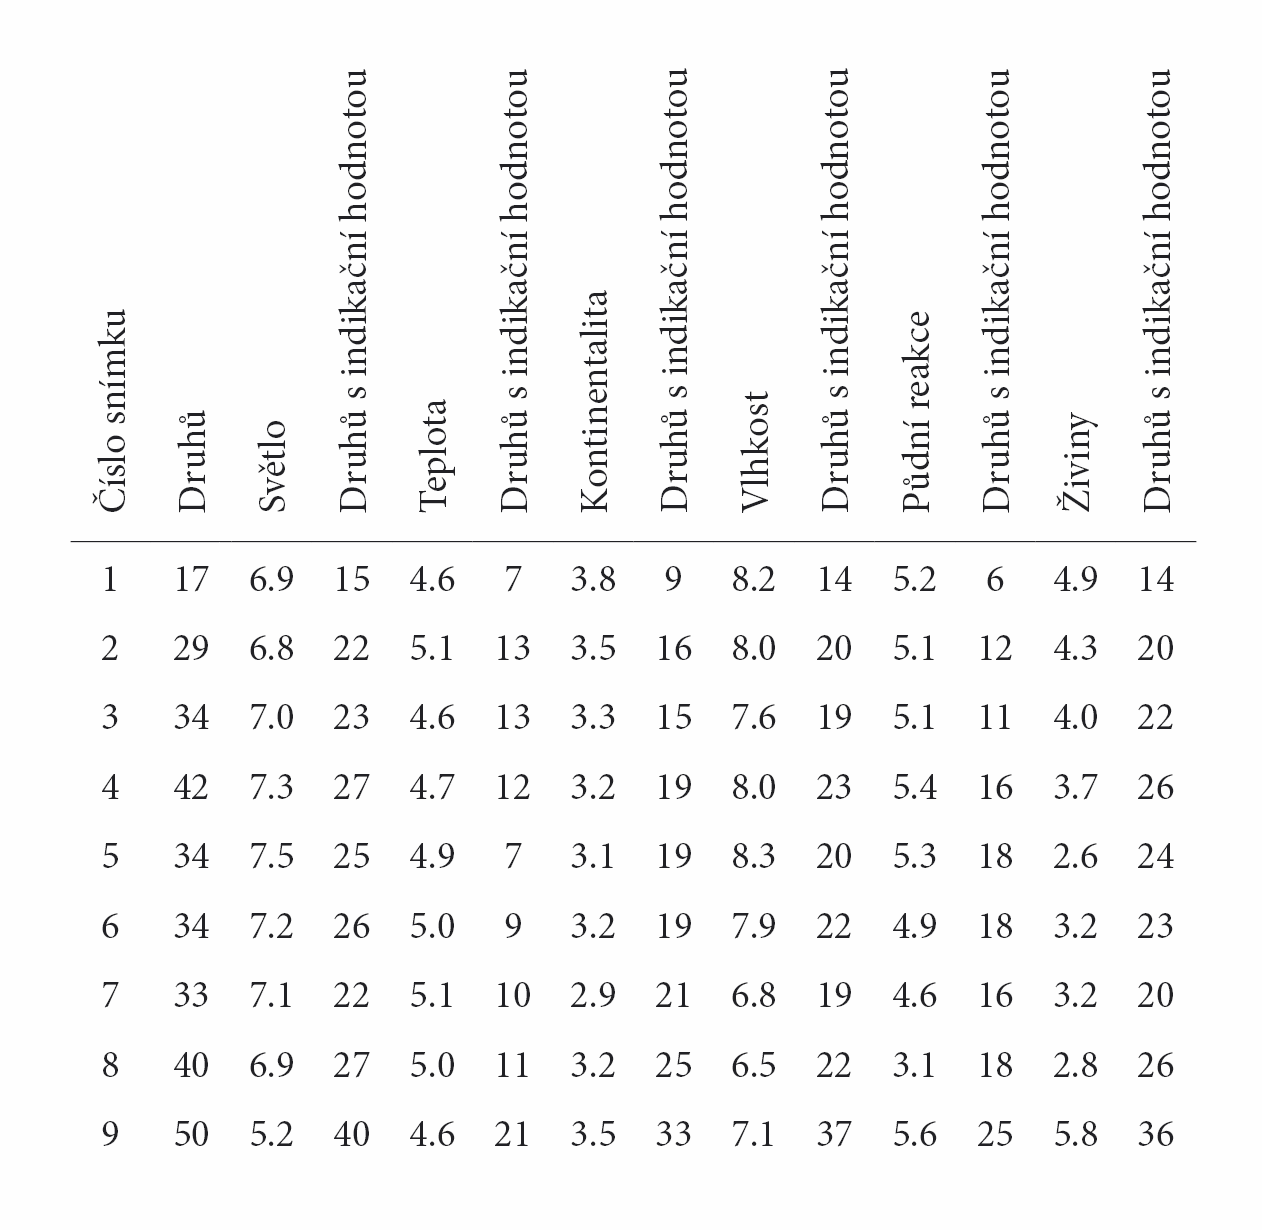 Tab. 2. Průměrné Ellenbergovy indikační hodnoty pro jednotlivé snímky zPR Olšina u Skleného. Tab. 2. Average Ellenberg indicator values for relevés from nature monument Olšina u Skleného.